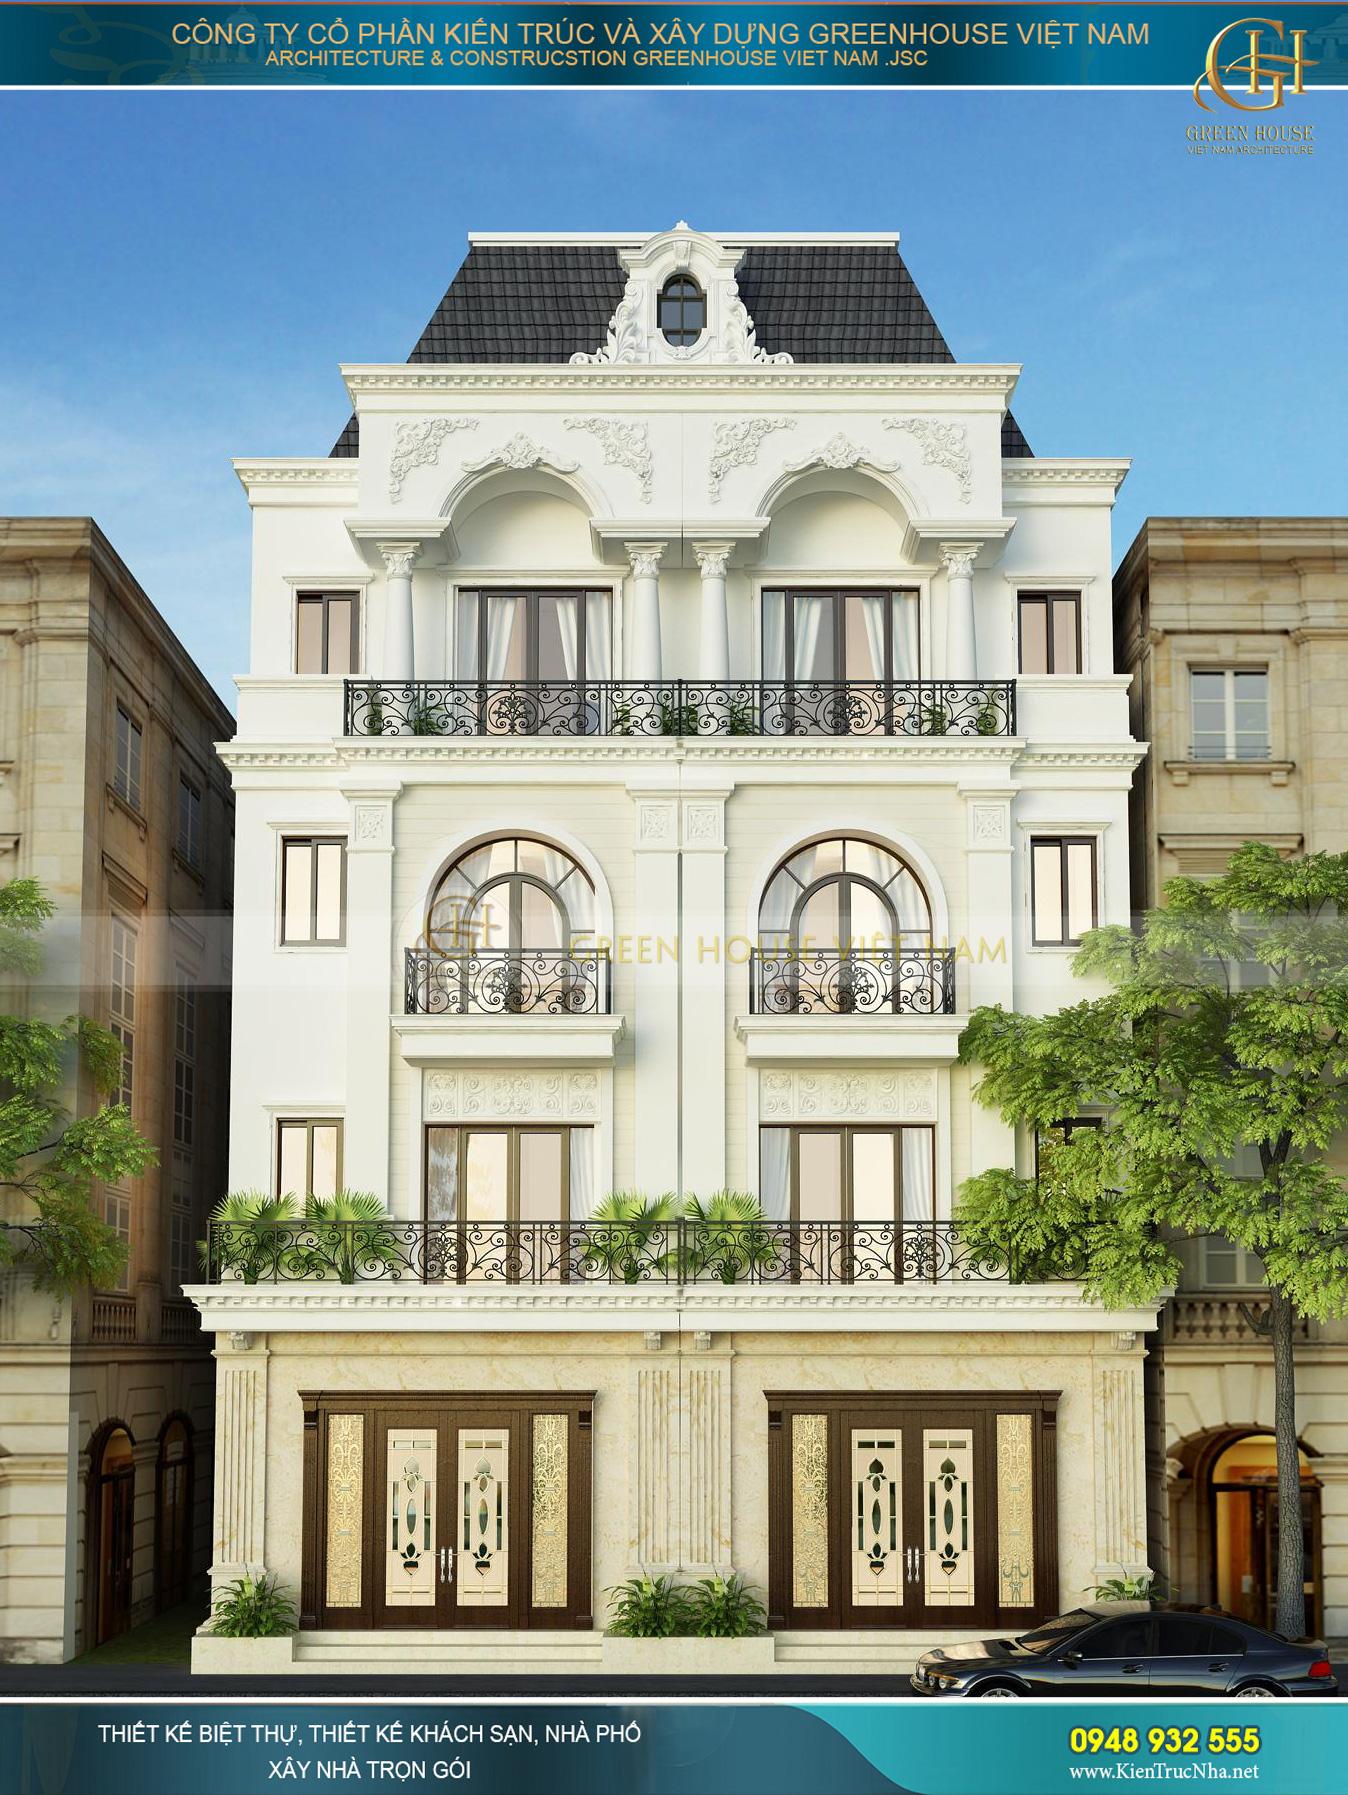 Phối cảnh mặt tiền của nhà phố song lập 4 tầng tân cổ điển tại Hải Phòng